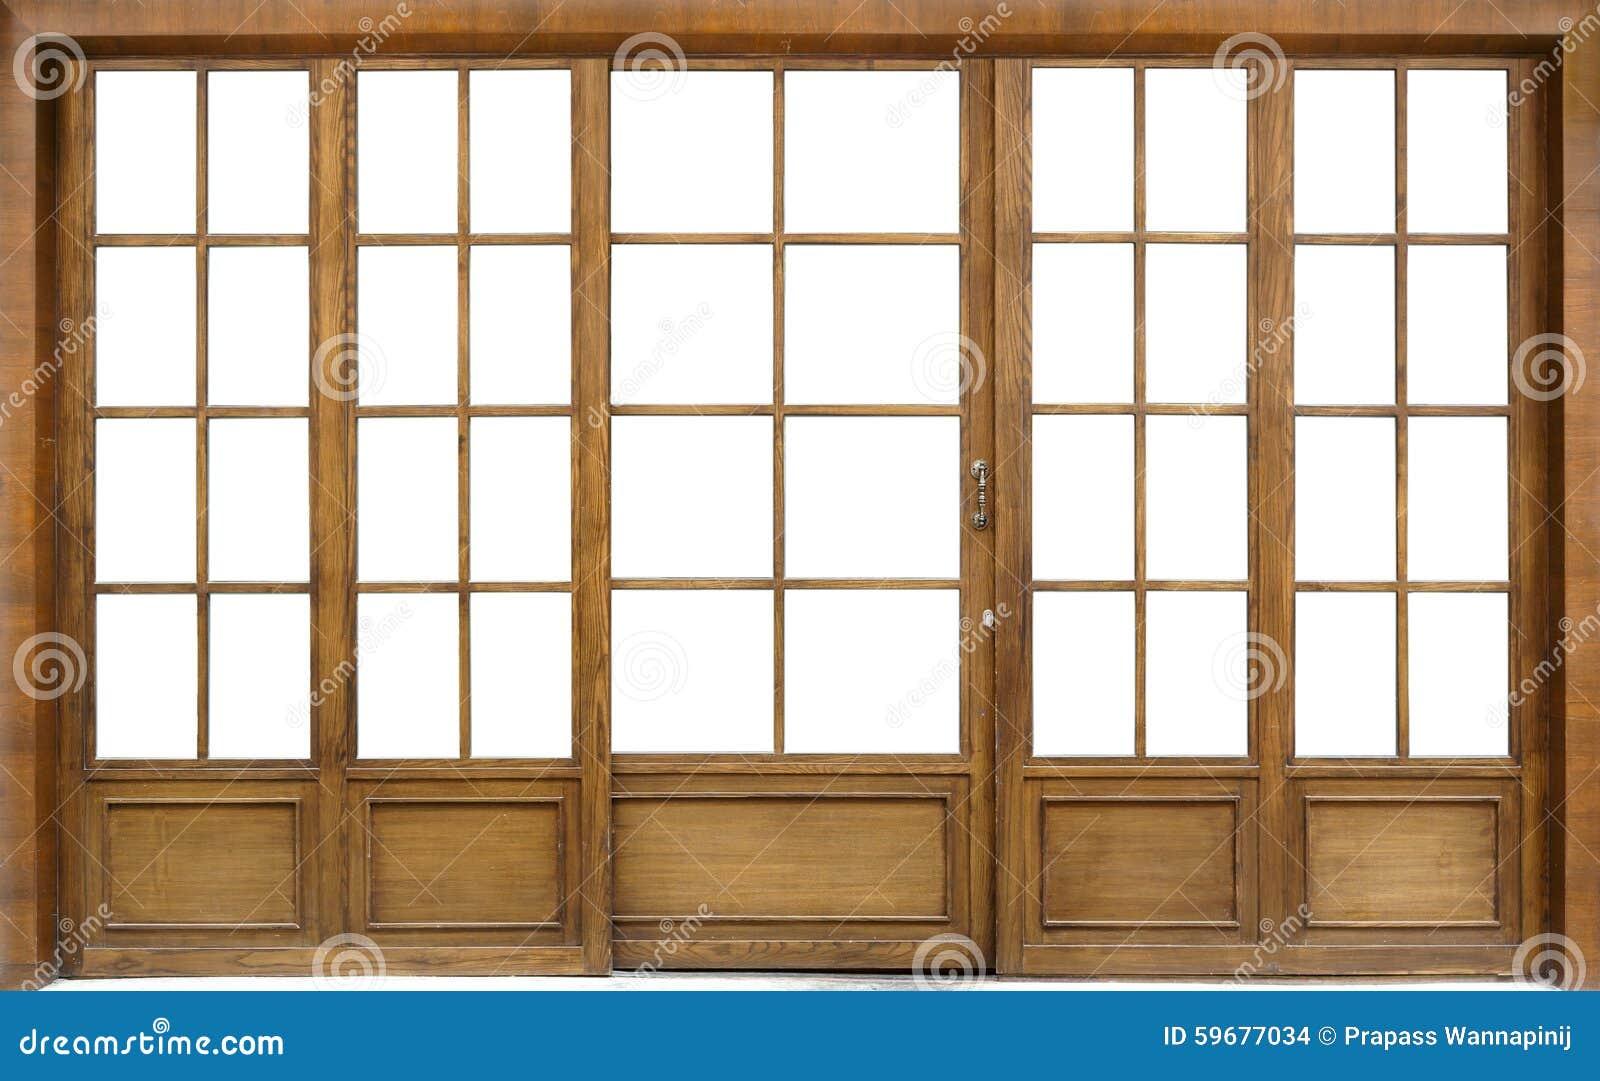 Wooden Glass Door Stock Photo Image Of Sliding